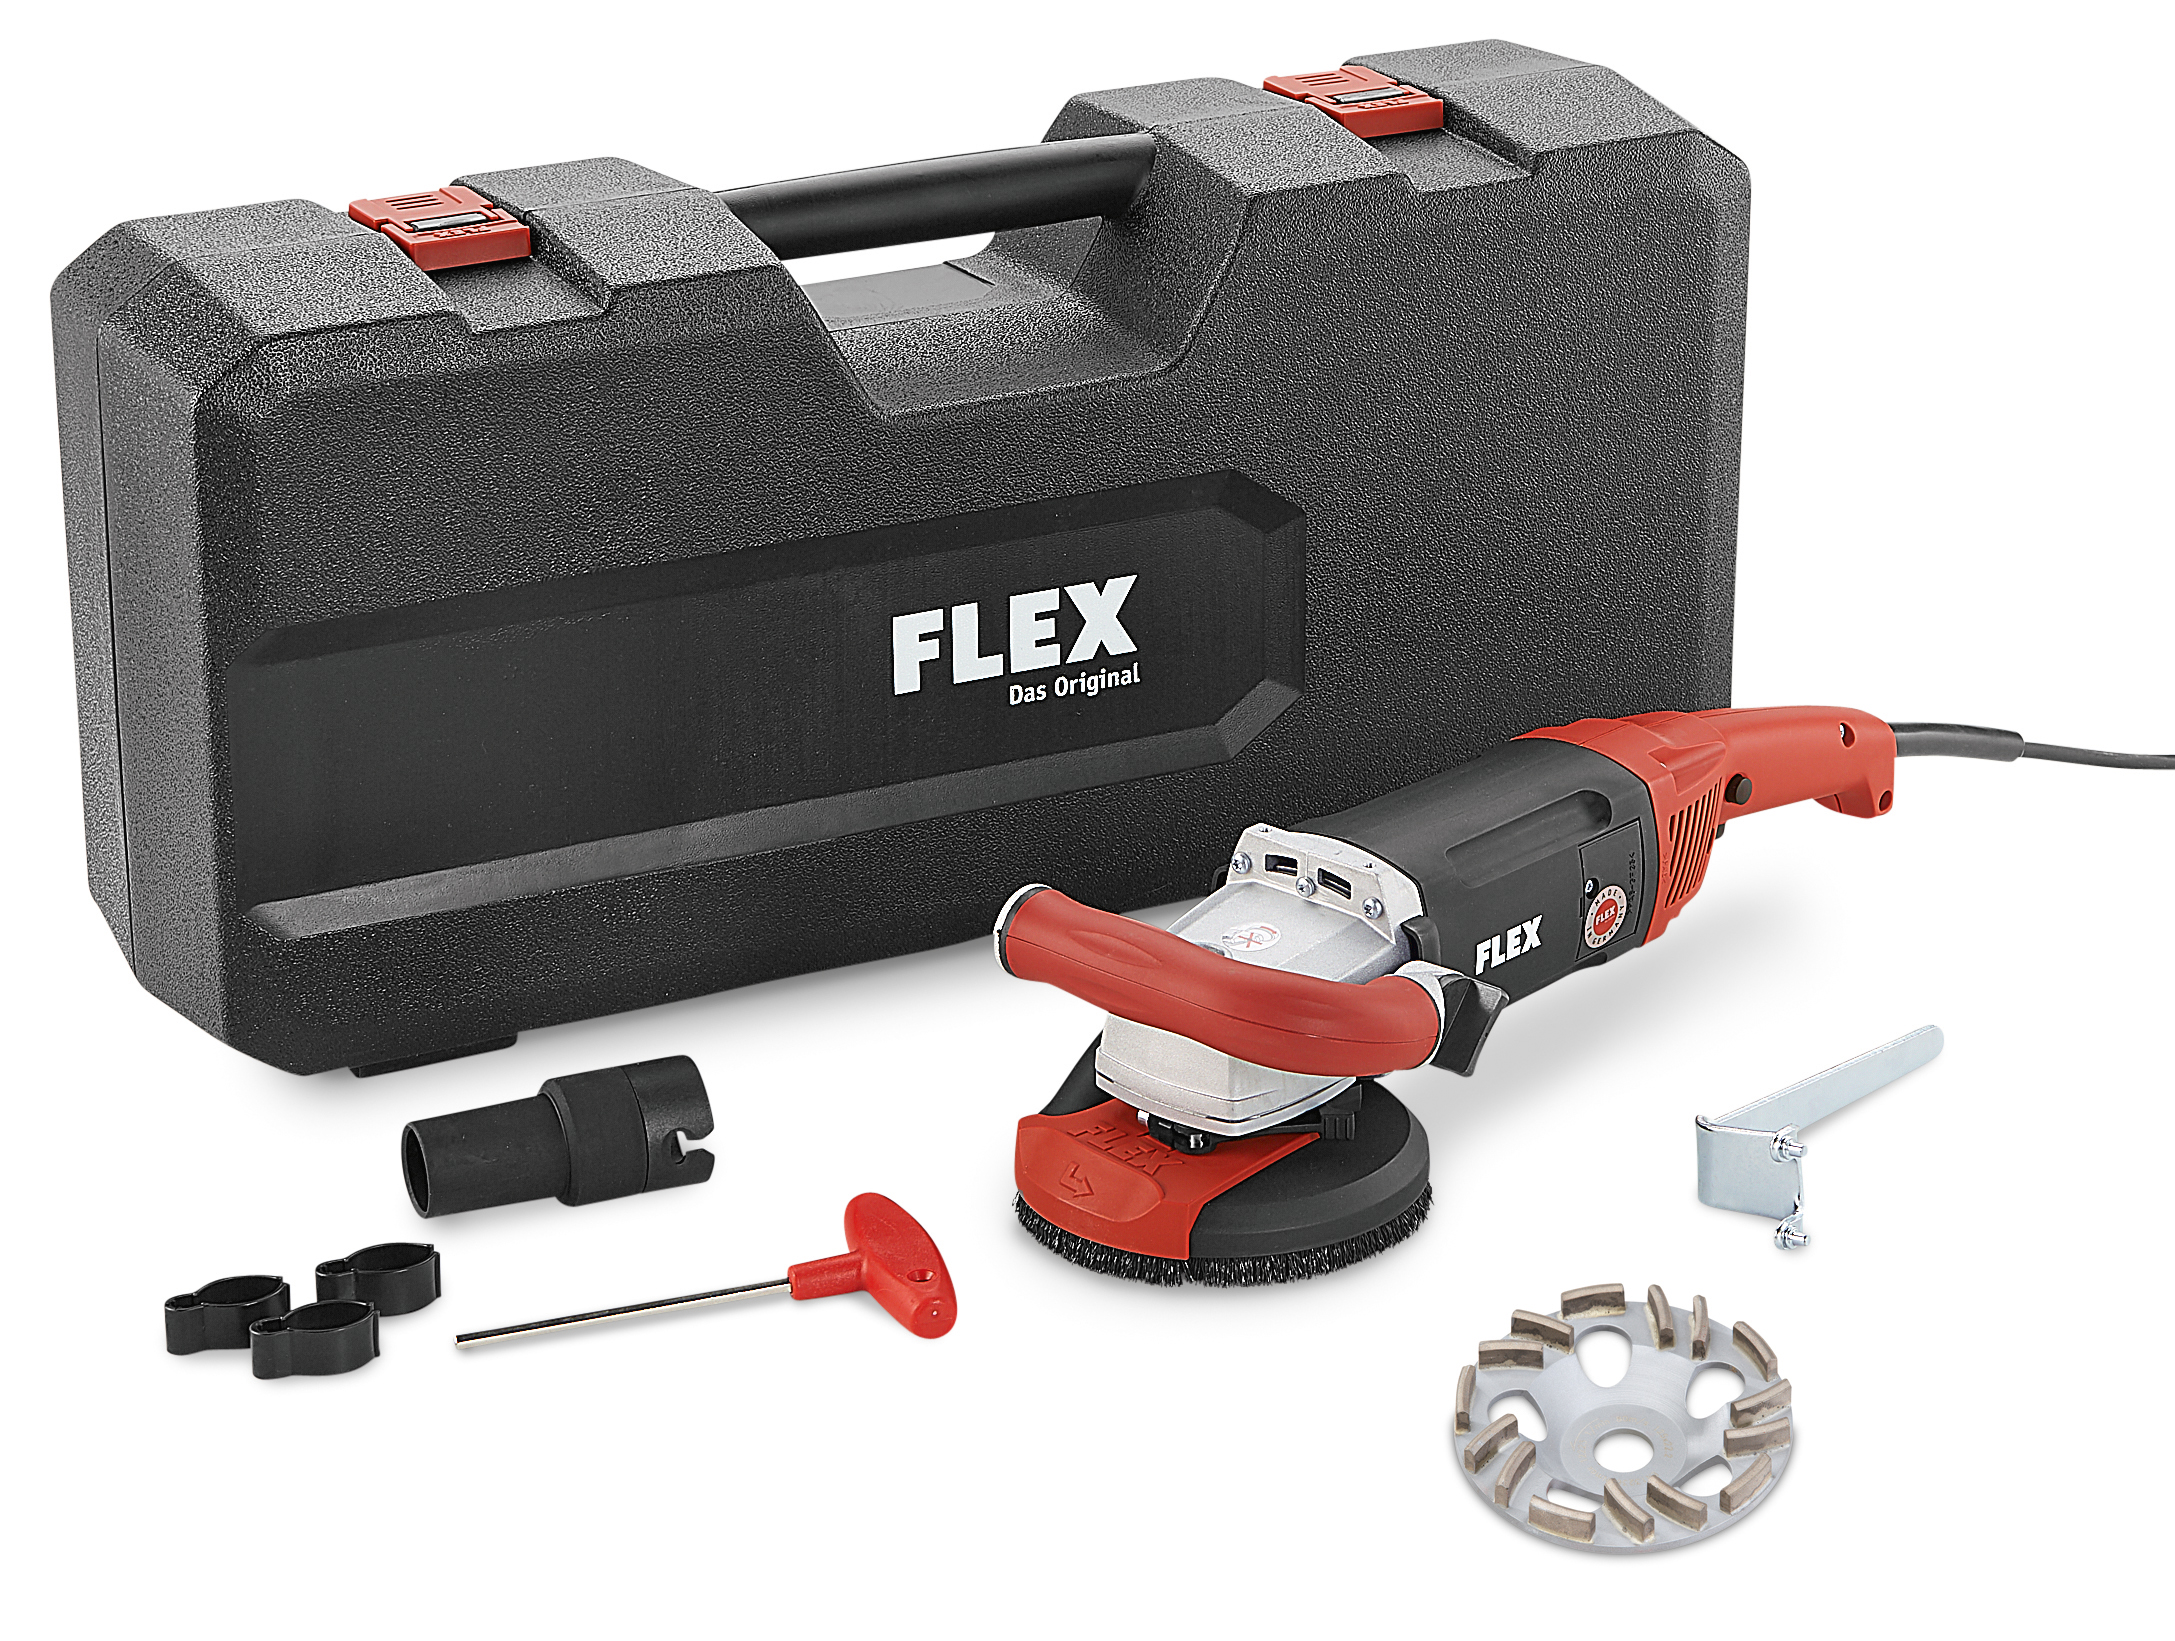 FLEX Betonschleifer LD 18-7 | ø 125 mm